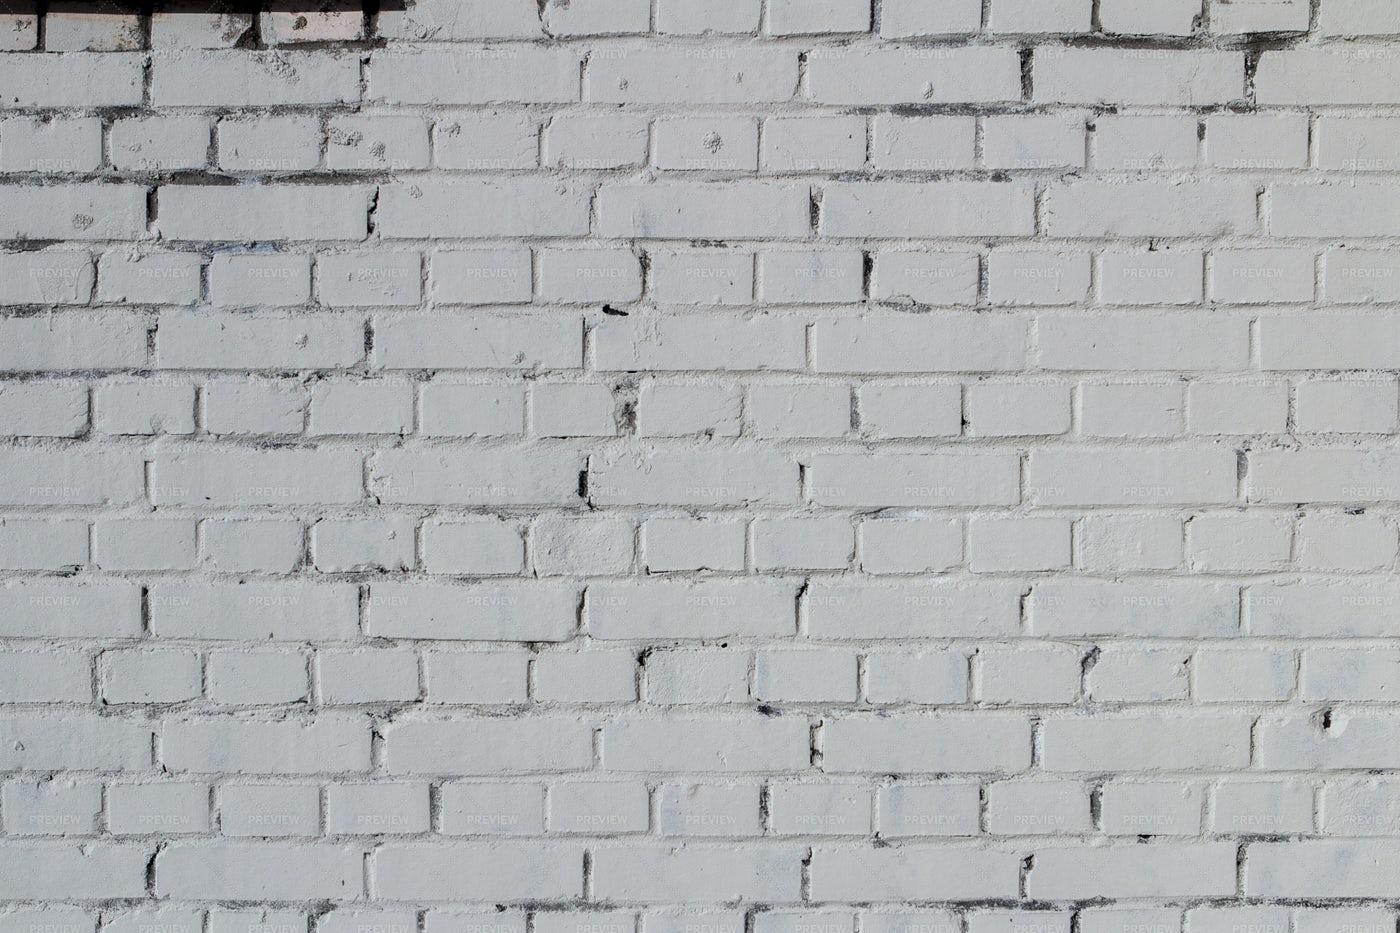 White Brick Wall: Stock Photos